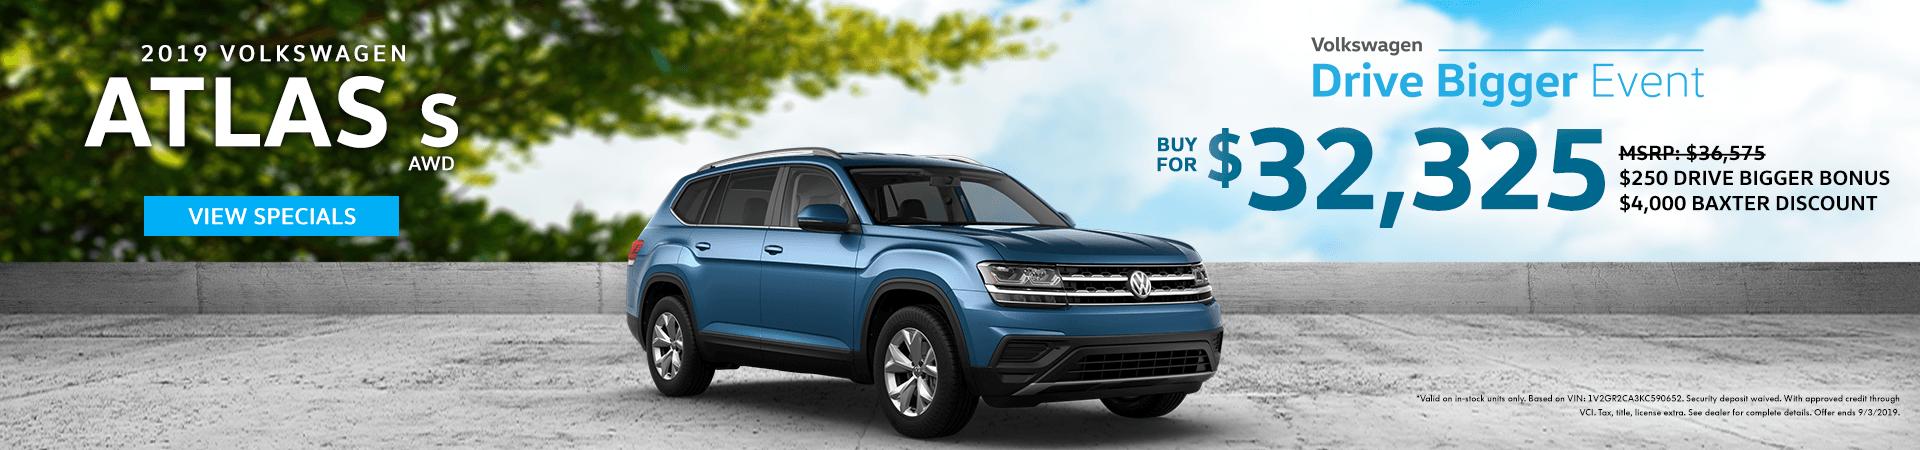 Drive Bigger Sales Event - 2019 Atlas